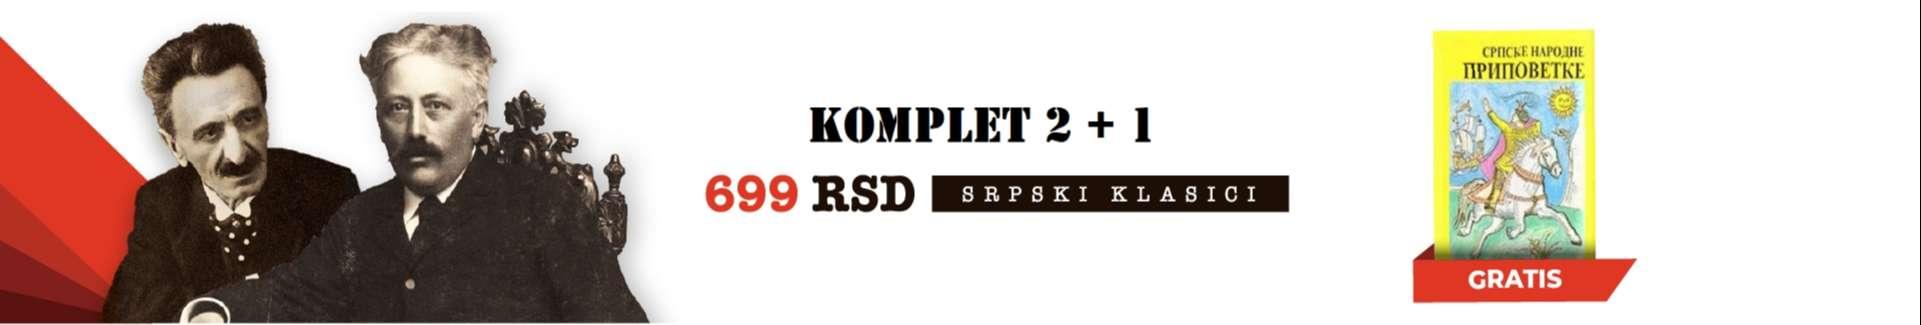 Srpski klasici 2+1